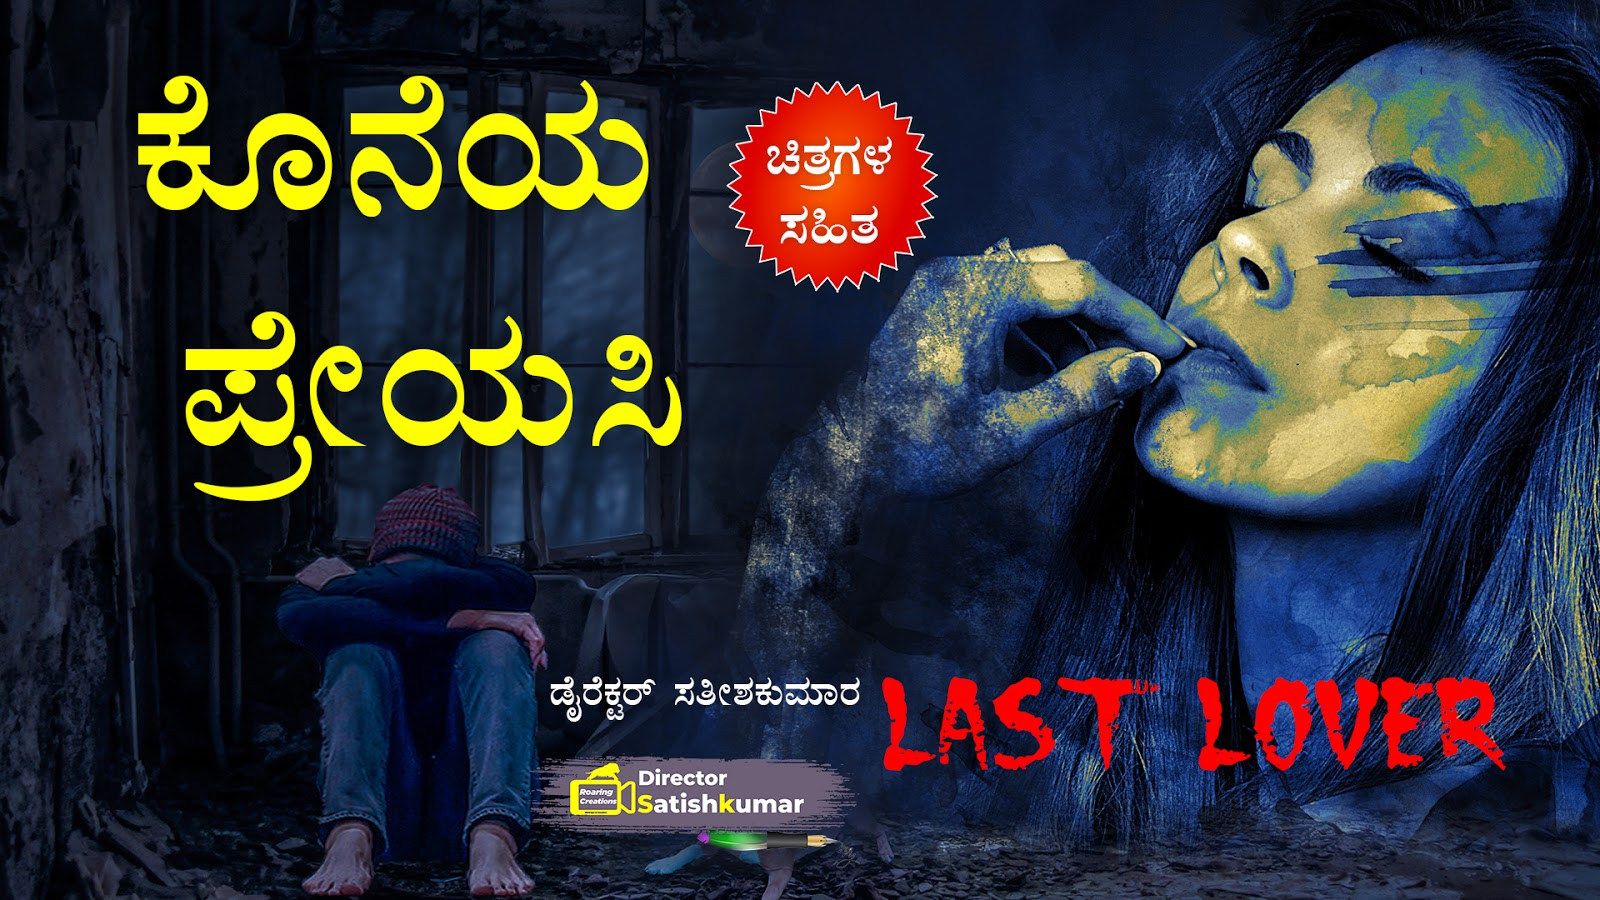 ಕೊನೆಯ ಪ್ರೇಯಸಿ - Last Lover - One Sad Love Story in Kannada  - ಕನ್ನಡ ಕಥೆ ಪುಸ್ತಕಗಳು - Kannada Story Books -  E Books Kannada - Kannada Books